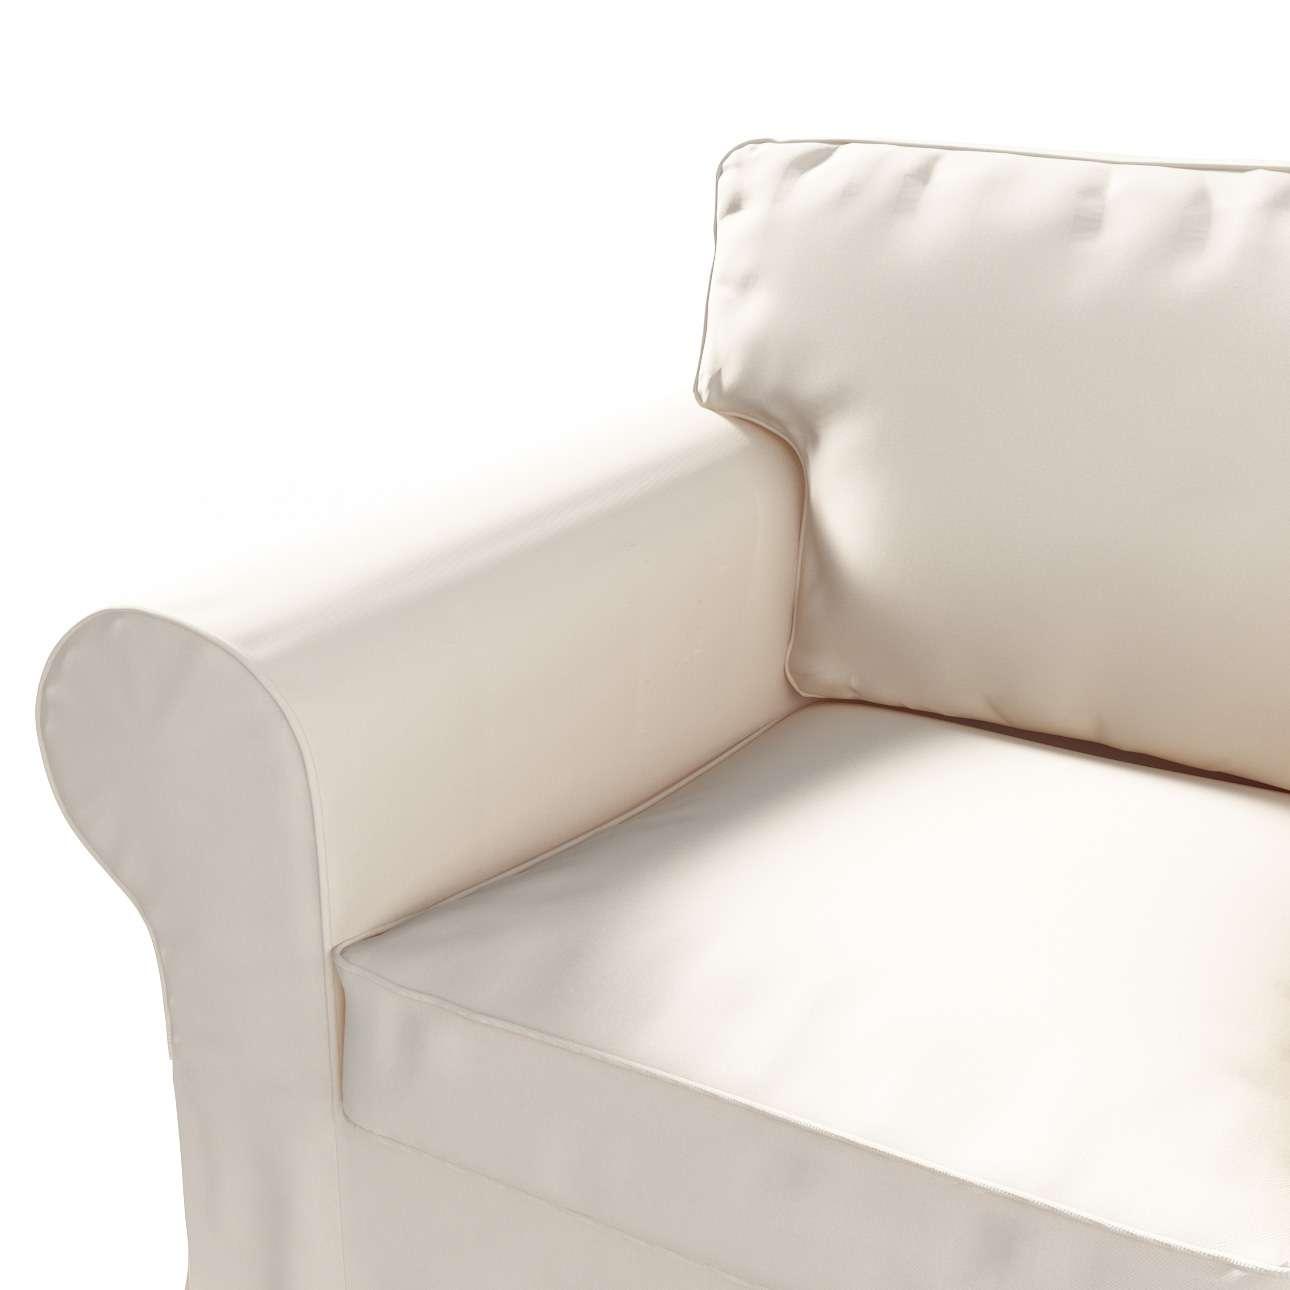 EKTORP fotelio užvalkalas Ektorp fotelio užvalkalas kolekcijoje Etna , audinys: 705-01